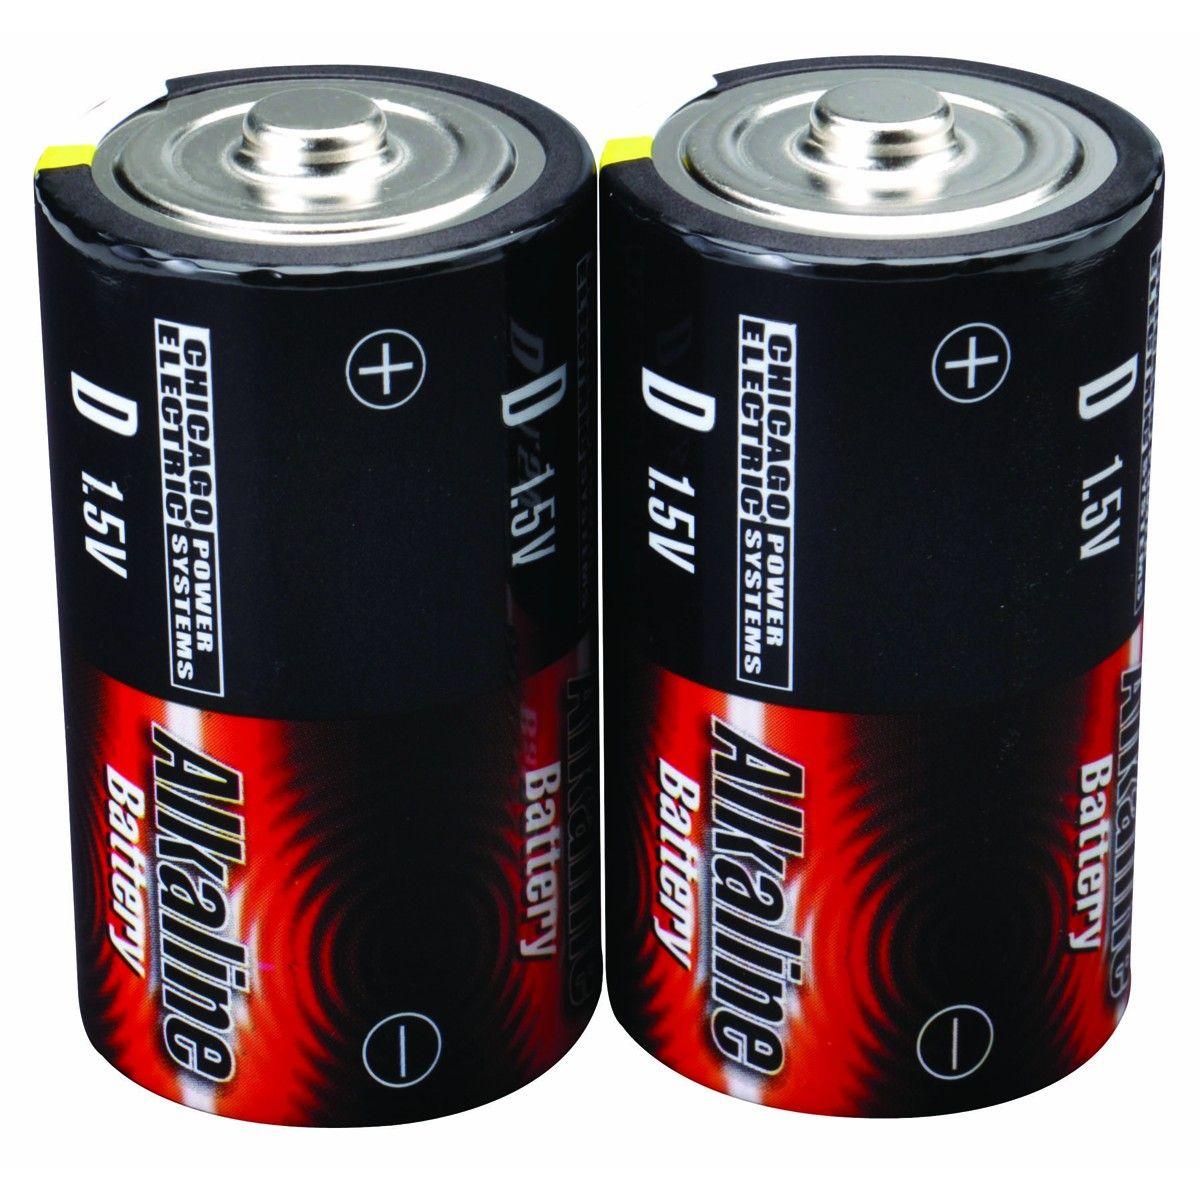 D Alkaline Batteries 2 Pk In 2021 Alkaline Battery Alkaline Batteries